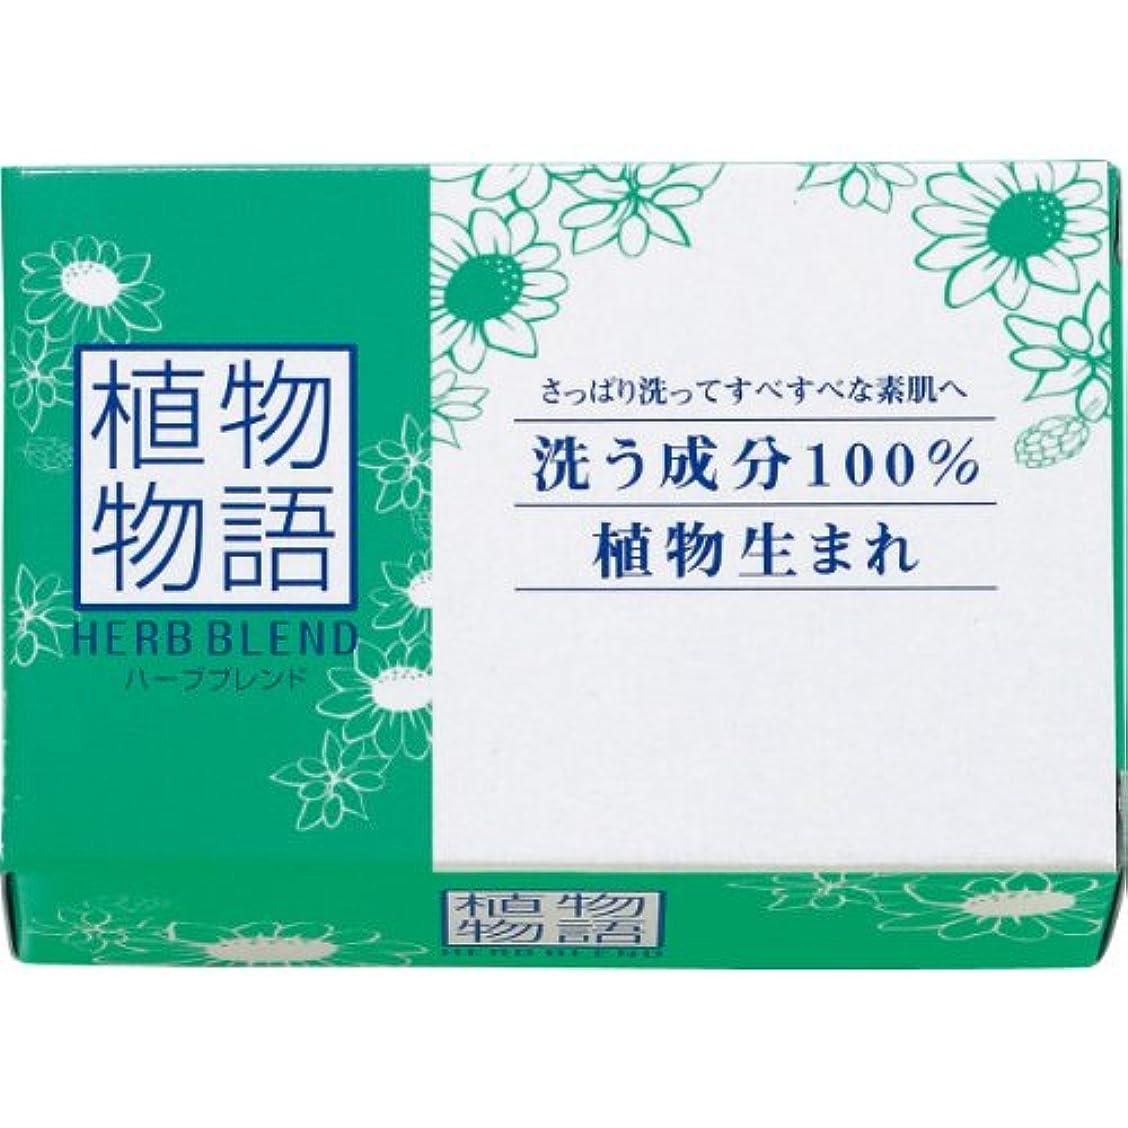 協同明示的に集める【ライオン】植物物語ハーブブレンド 化粧石鹸 80g